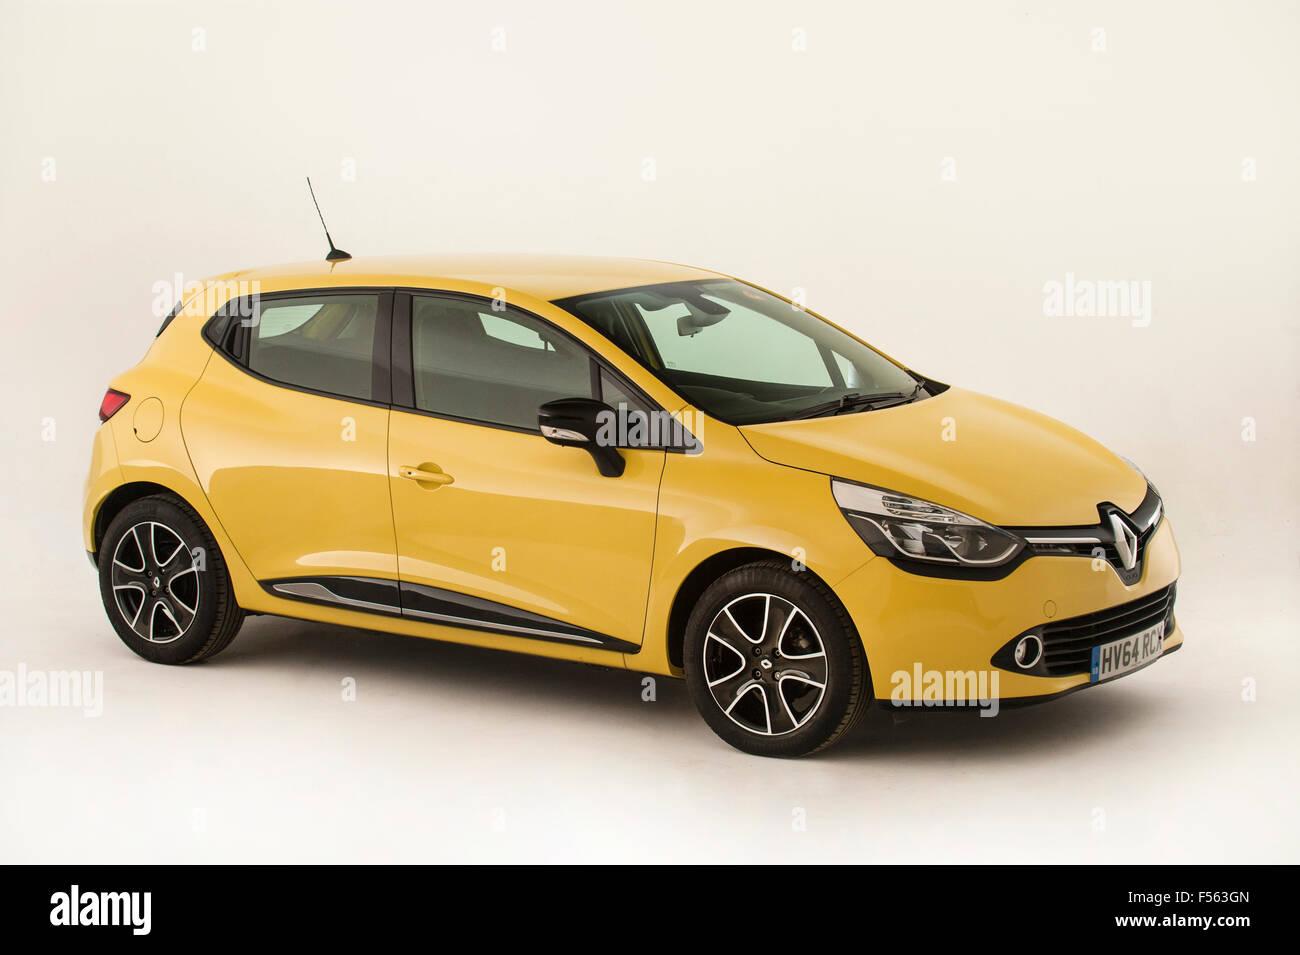 Renault Clio 2014 Imagen De Stock